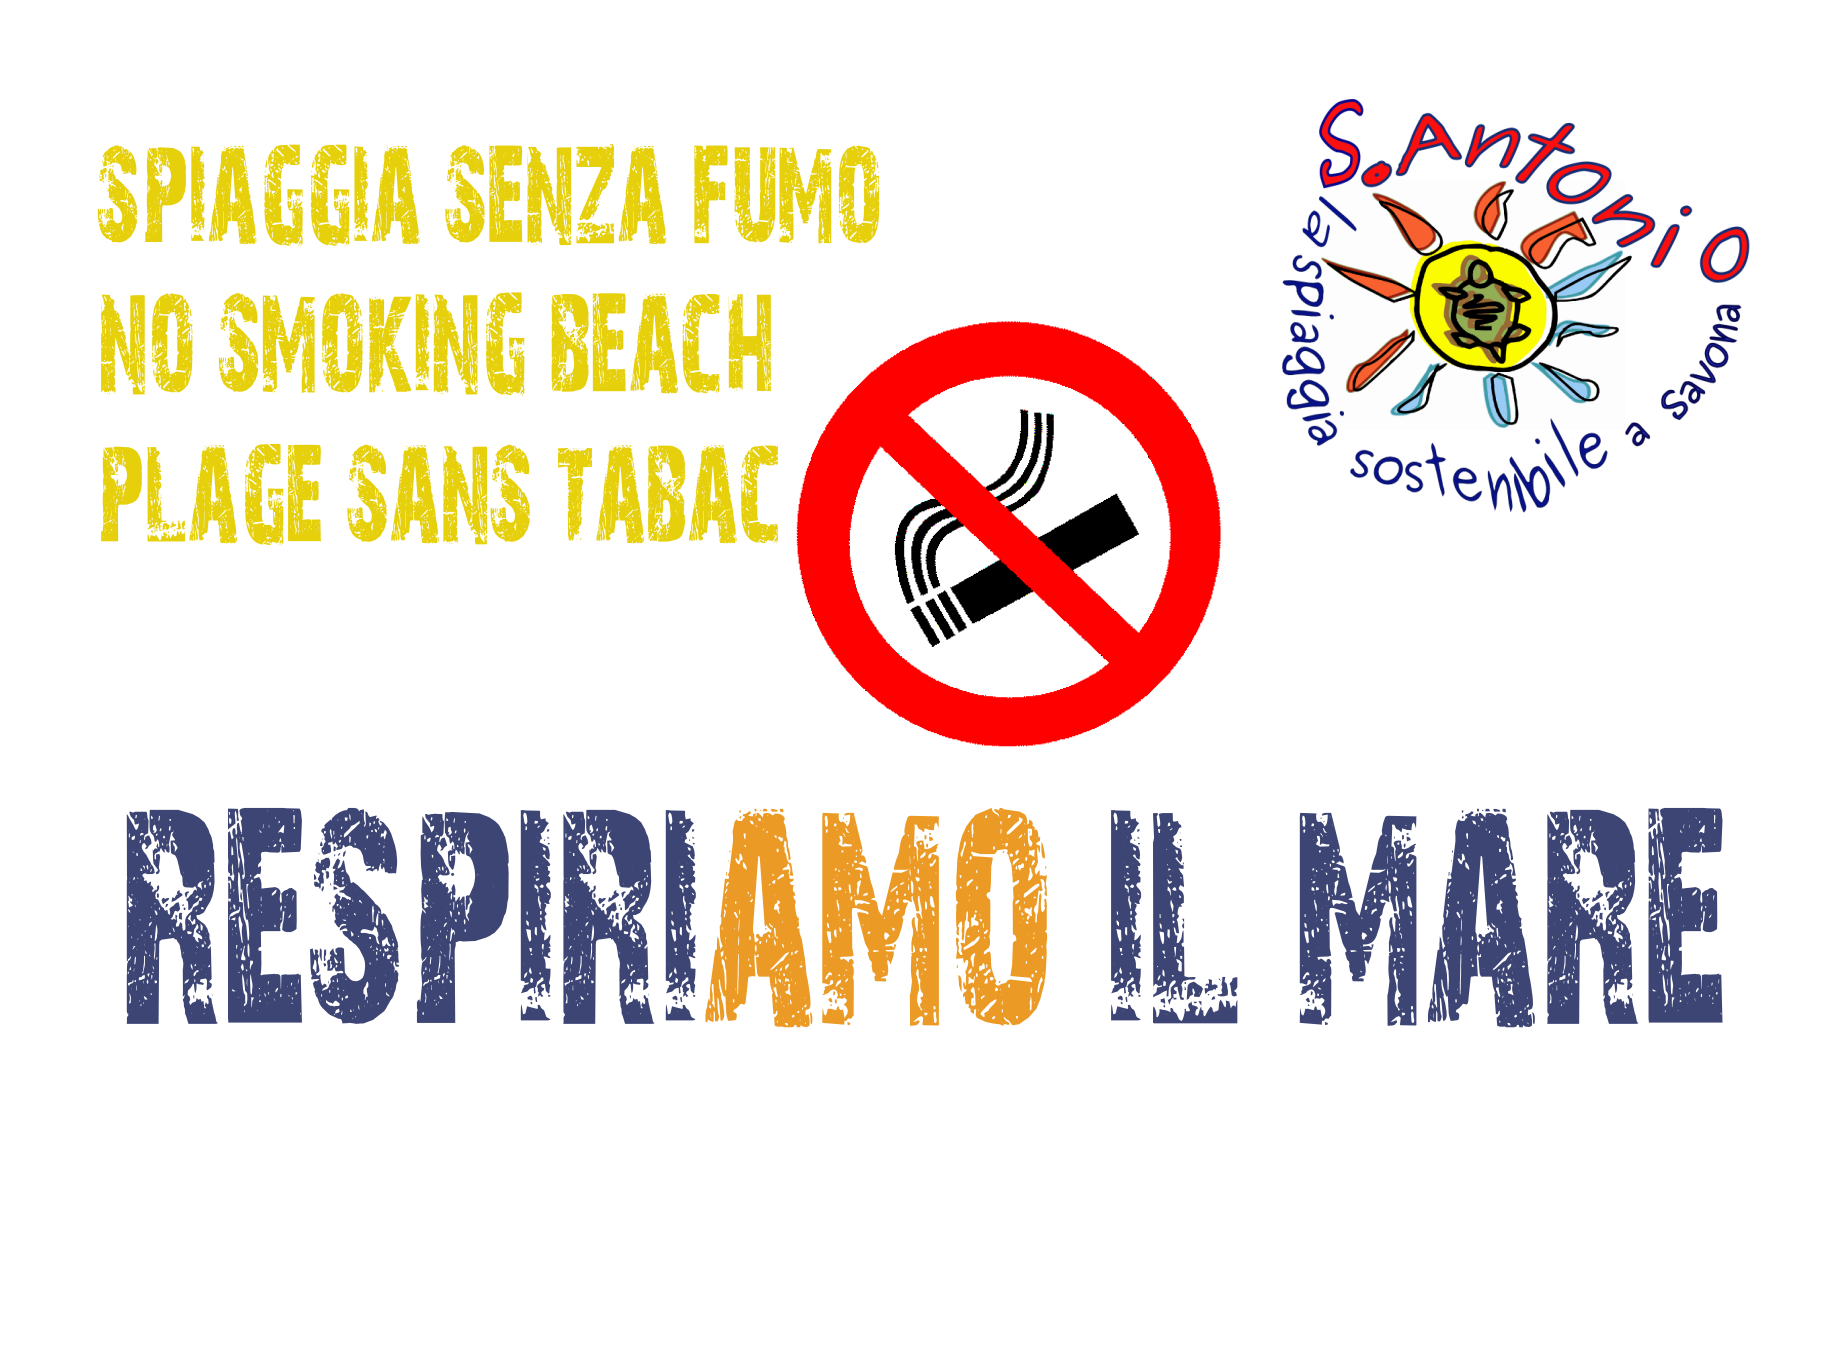 RESIRIAMO IL MARE SCRITTA.png